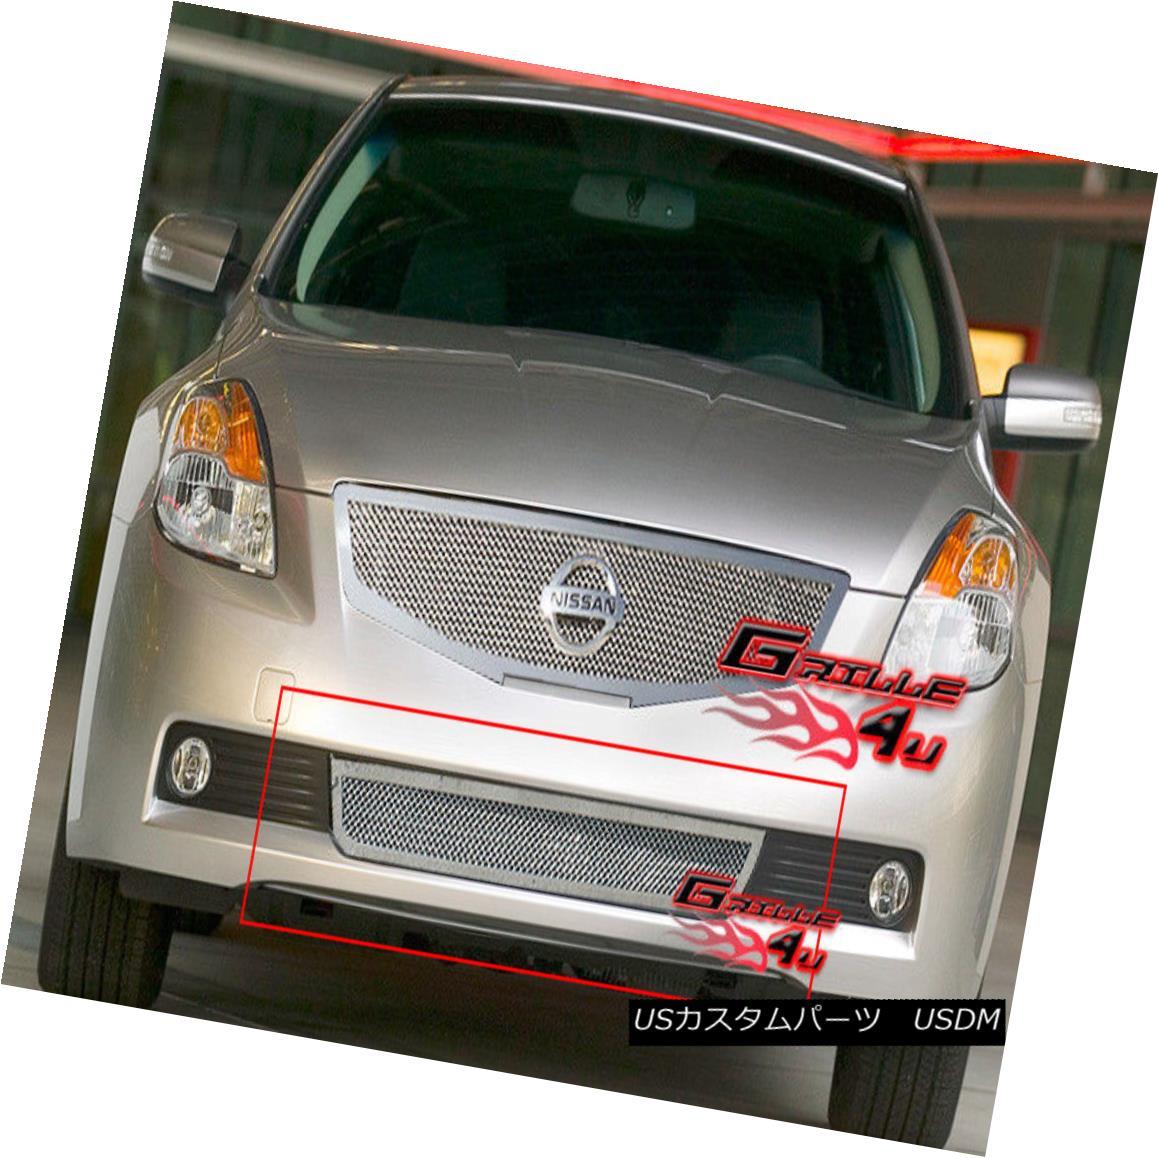 グリル Fits 07-09 Nissan Altima Lower Bumper Stainless Mesh Grille Insert フィット07-09日産アルティマロワーバンパーステンレスメッシュグリルインサート